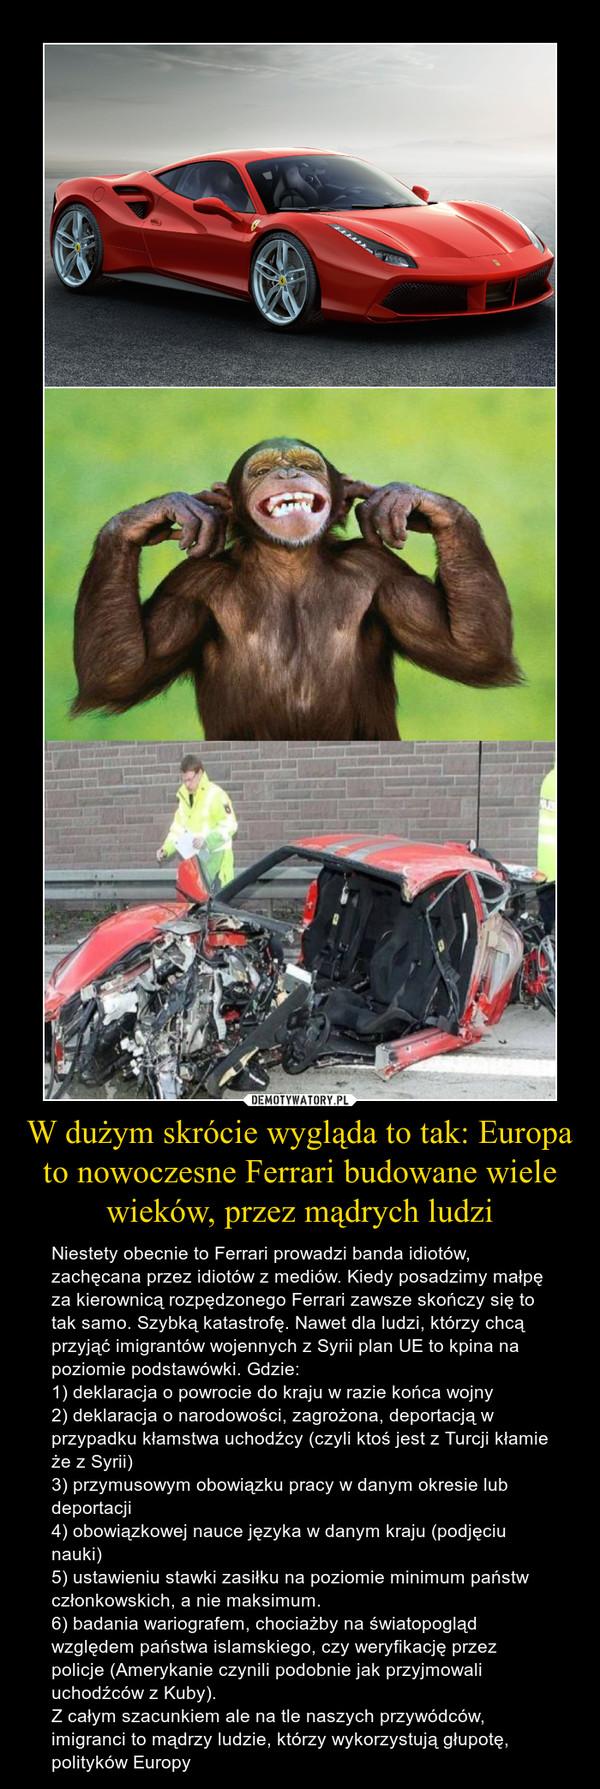 W dużym skrócie wygląda to tak: Europa to nowoczesne Ferrari budowane wiele wieków, przez mądrych ludzi – Niestety obecnie to Ferrari prowadzi banda idiotów, zachęcana przez idiotów z mediów. Kiedy posadzimy małpę za kierownicą rozpędzonego Ferrari zawsze skończy się to tak samo. Szybką katastrofę. Nawet dla ludzi, którzy chcą przyjąć imigrantów wojennych z Syrii plan UE to kpina na poziomie podstawówki. Gdzie:1) deklaracja o powrocie do kraju w razie końca wojny2) deklaracja o narodowości, zagrożona, deportacją w przypadku kłamstwa uchodźcy (czyli ktoś jest z Turcji kłamie że z Syrii) 3) przymusowym obowiązku pracy w danym okresie lub deportacji4) obowiązkowej nauce języka w danym kraju (podjęciu nauki)5) ustawieniu stawki zasiłku na poziomie minimum państw członkowskich, a nie maksimum.6) badania wariografem, chociażby na światopogląd względem państwa islamskiego, czy weryfikację przez policje (Amerykanie czynili podobnie jak przyjmowali uchodźców z Kuby).Z całym szacunkiem ale na tle naszych przywódców, imigranci to mądrzy ludzie, którzy wykorzystują głupotę, polityków Europy